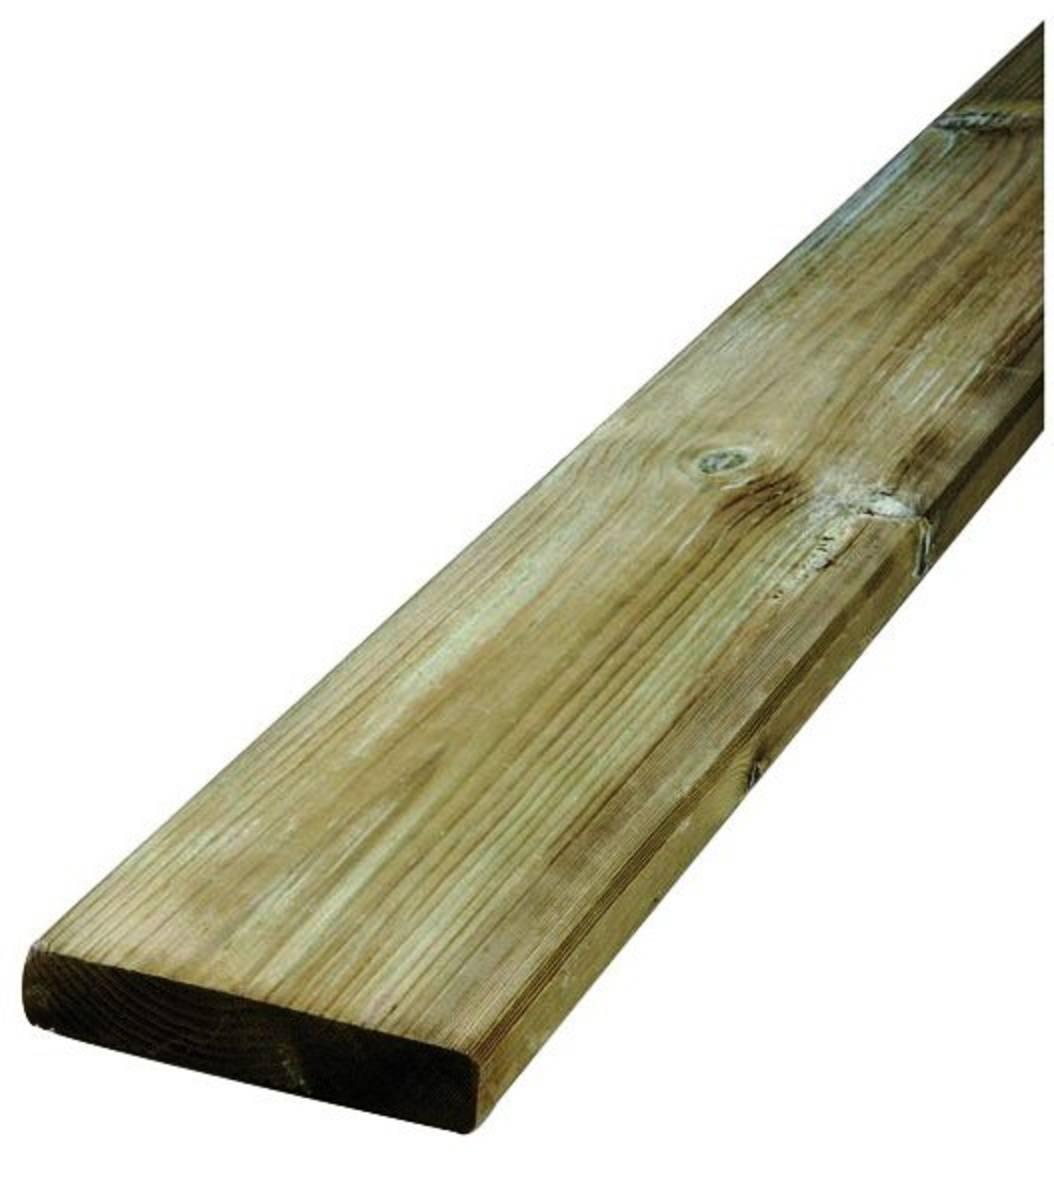 Lame de terrasse en pin sylvestre qualité us 27x145 - CL4 vert